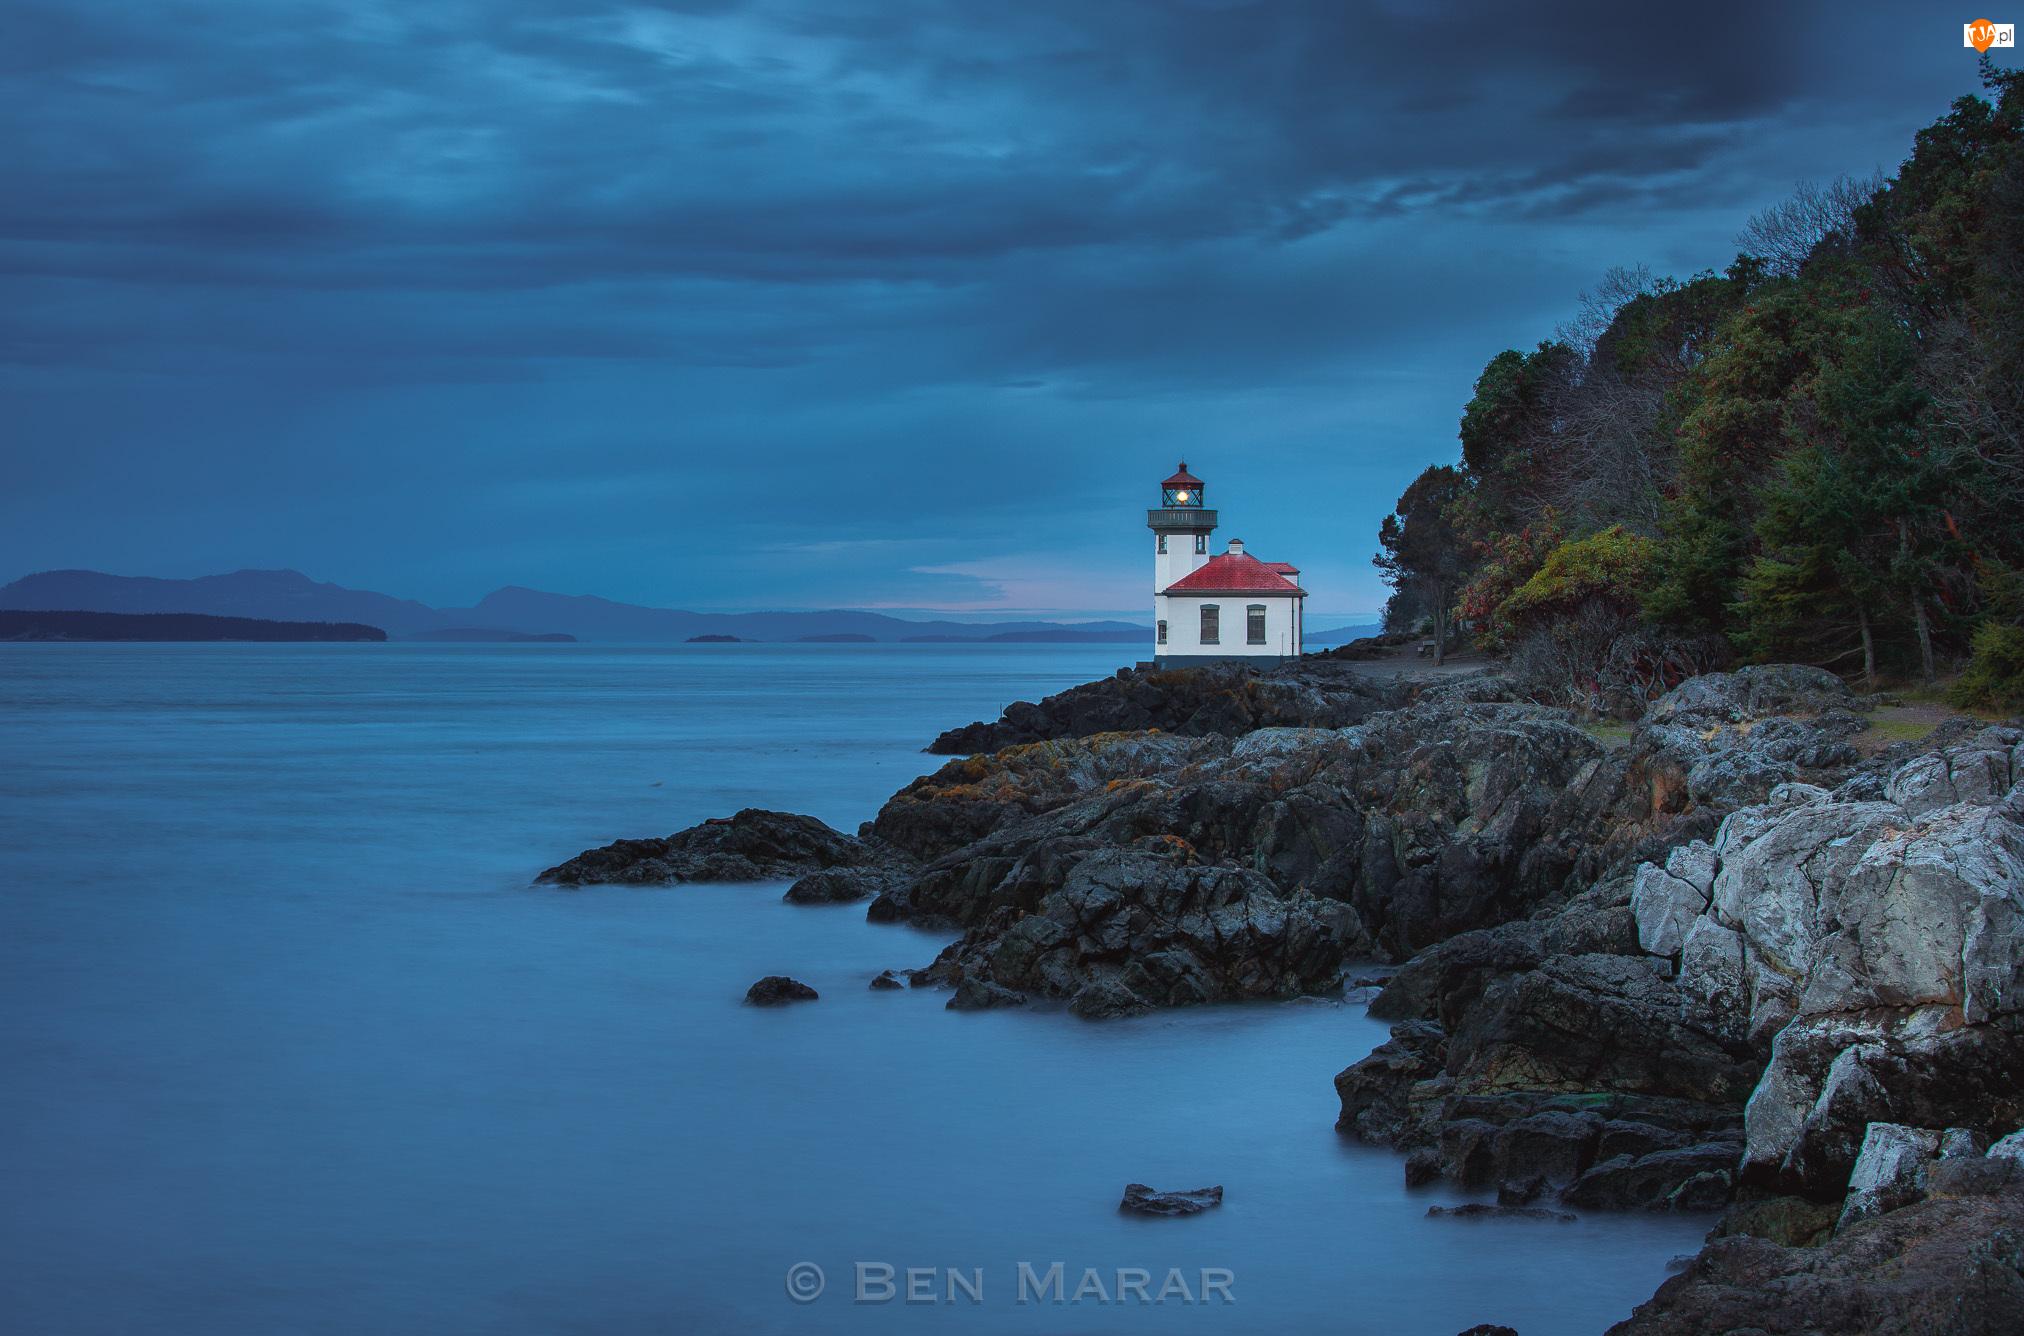 Latarnia morska Lime Kiln, Skały, Stany Zjednoczone, Morze, Stan Waszyngton, Miejscowość Friday Harbor, Wieczór